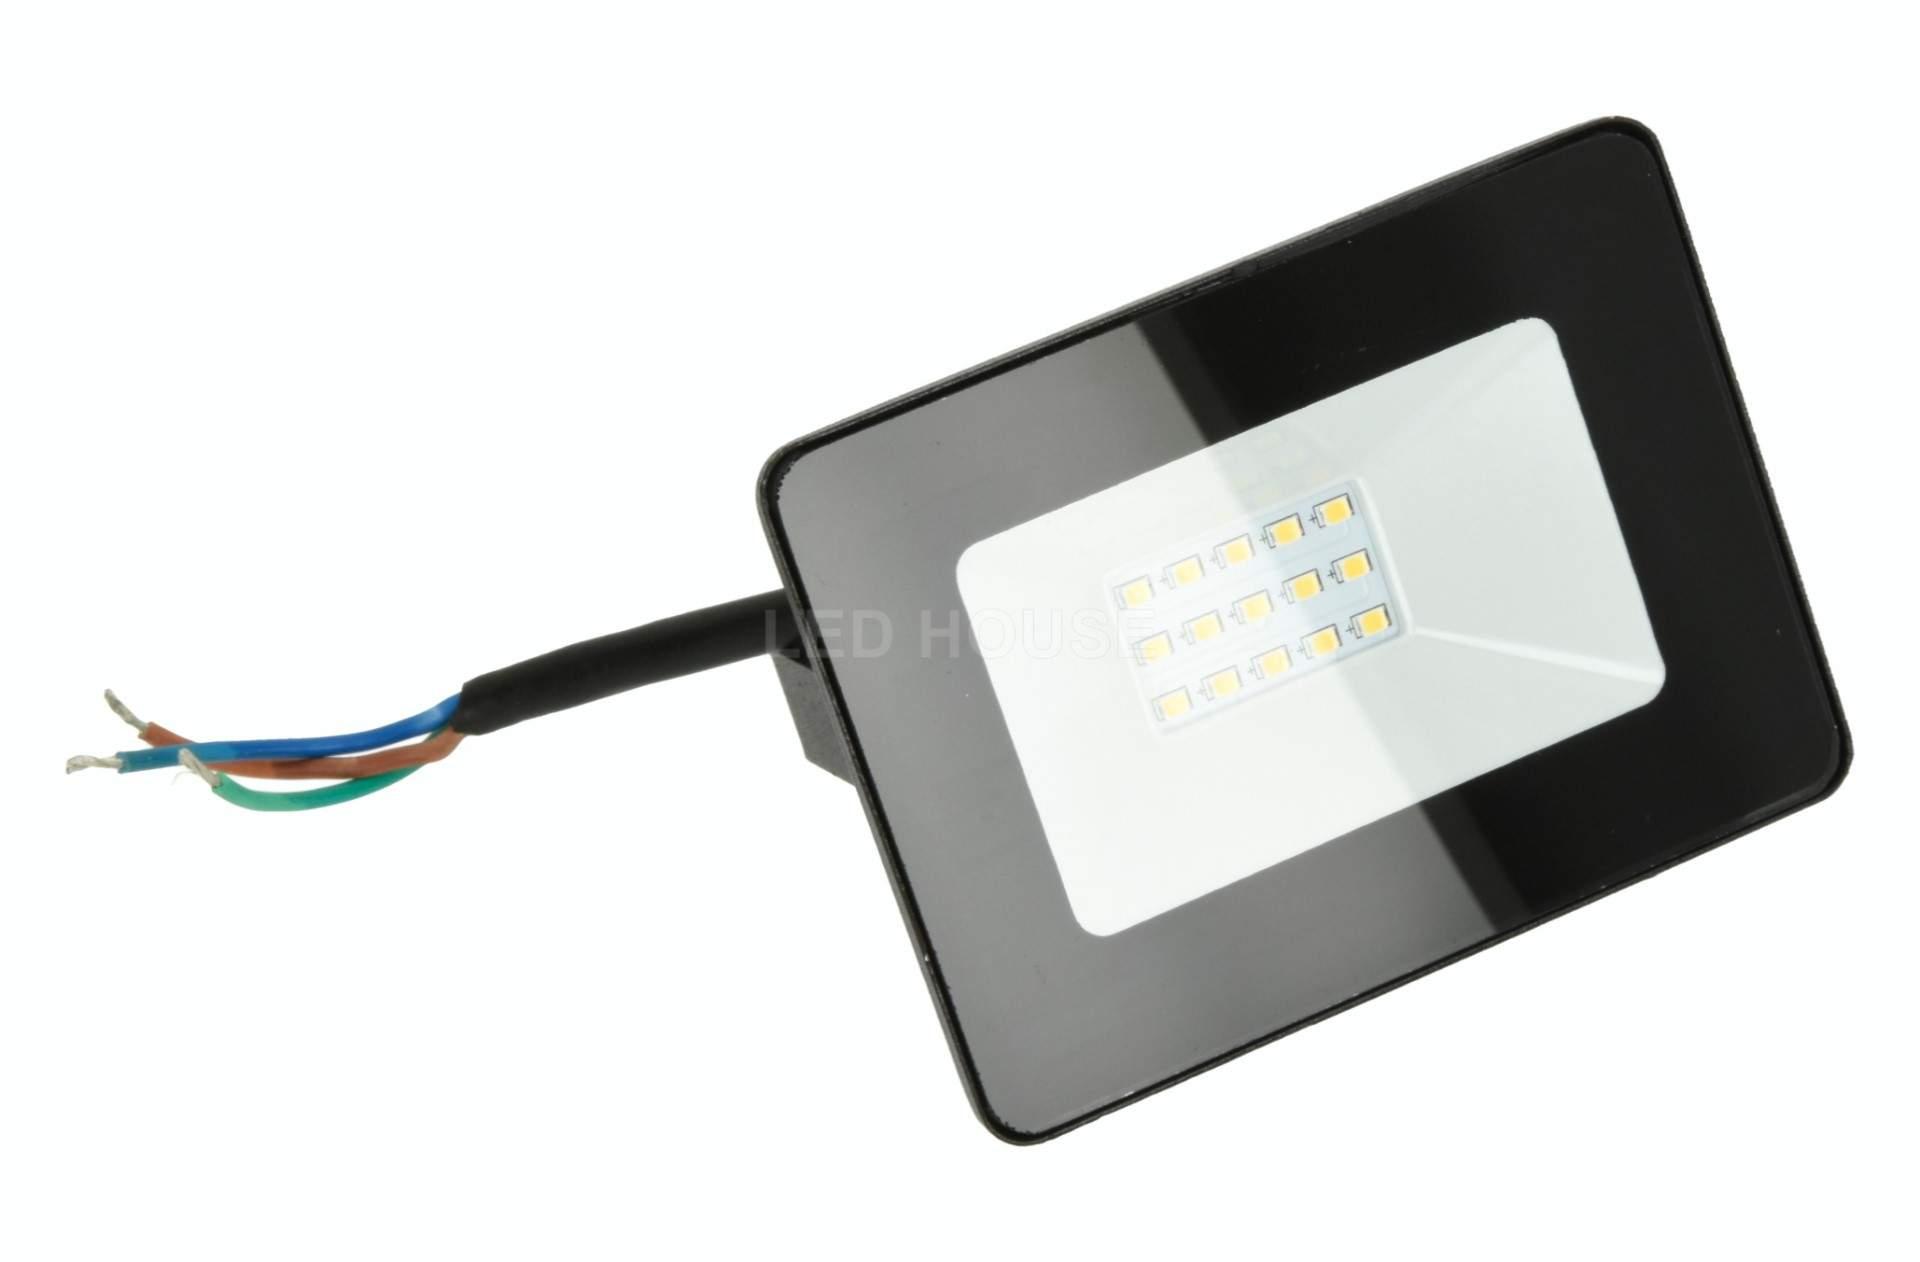 LED прожектор LED прожектор AIGOSTAR Slim черный  10W 900lm CRI70  120° IP65 4000K дневной белый